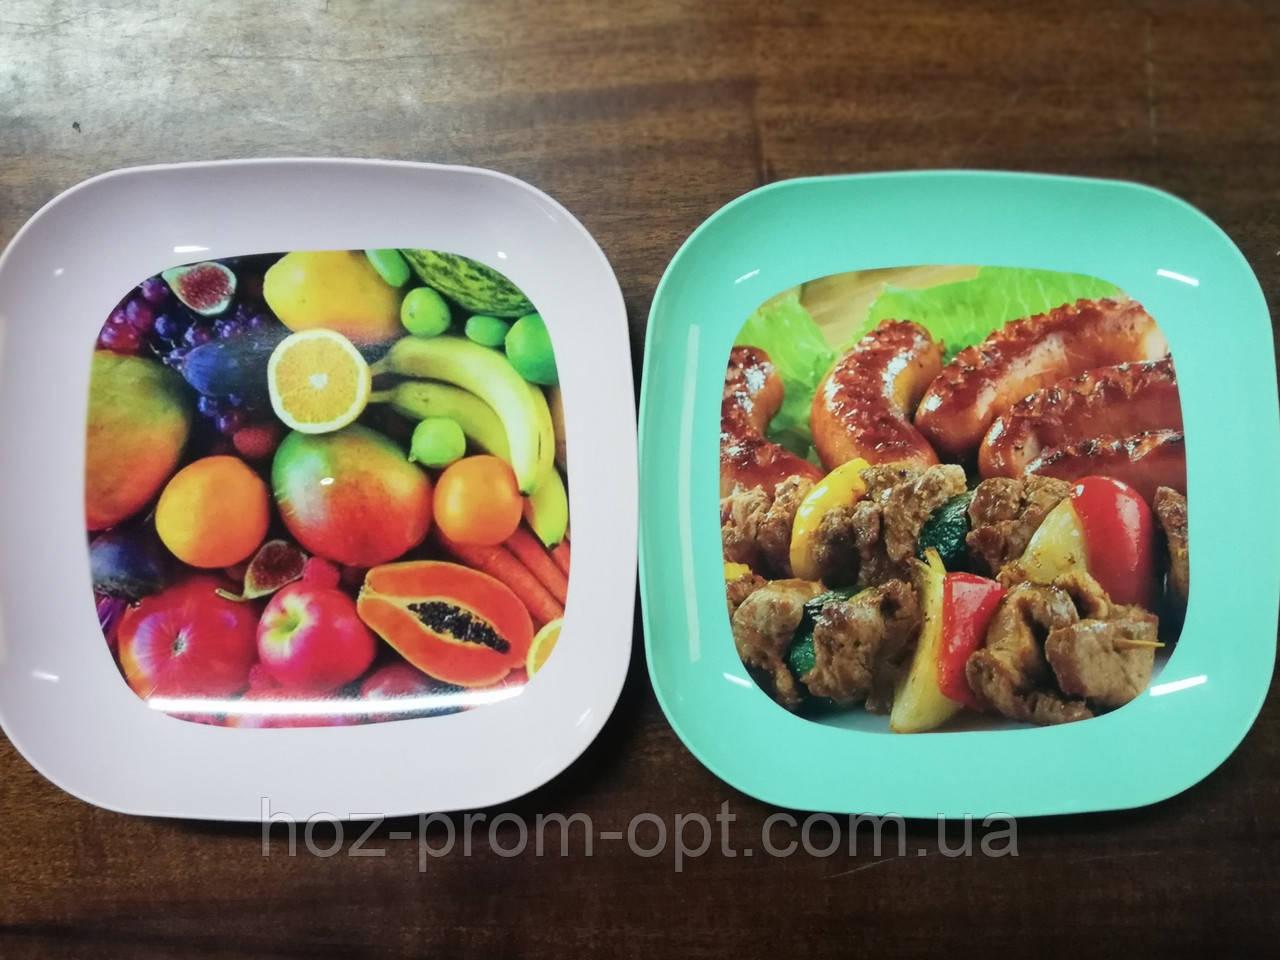 Пластикова тарілка з принтом, 18×18×2.5 див.